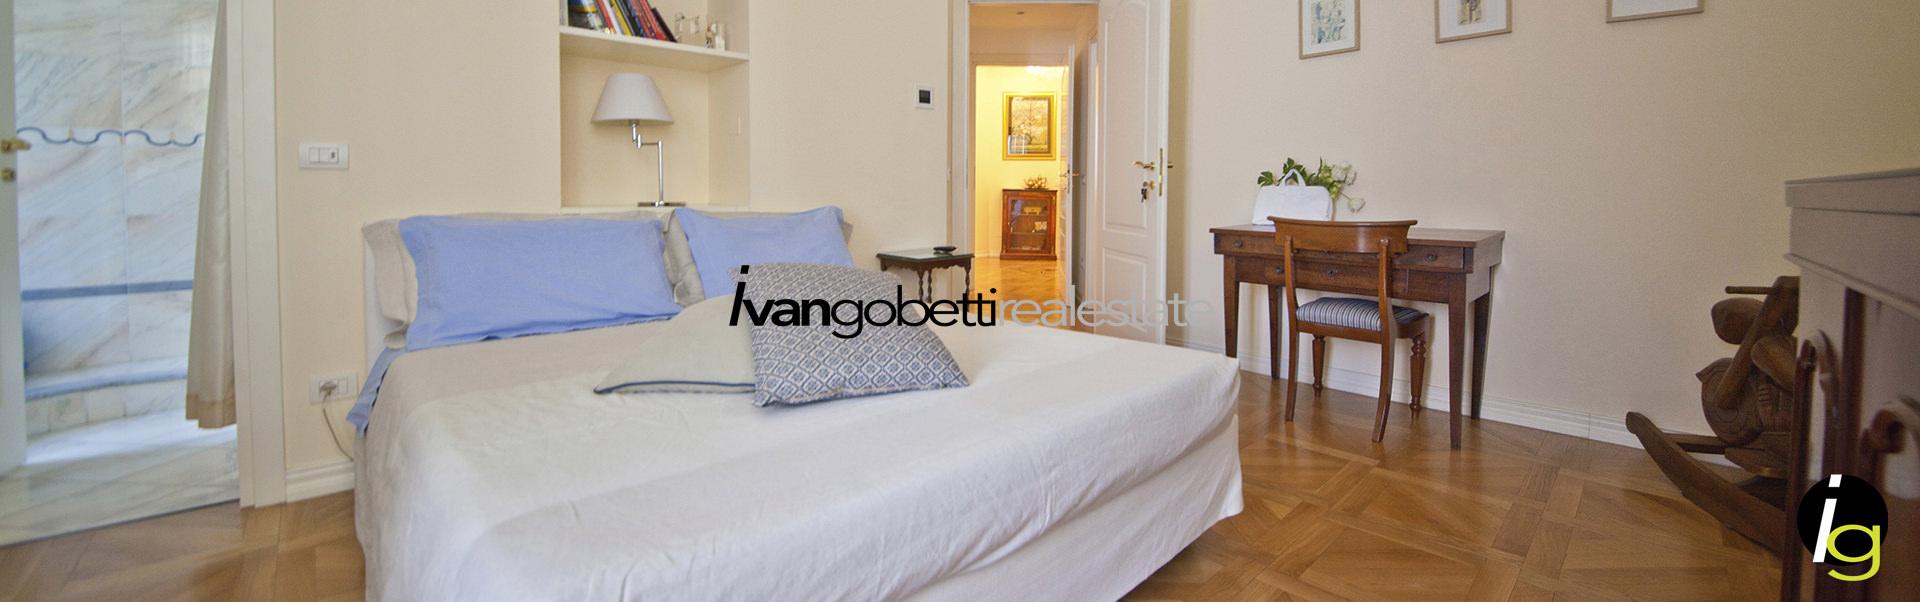 Villa in Vendita a Milano, zona centro adiacenze C.so Vercelli